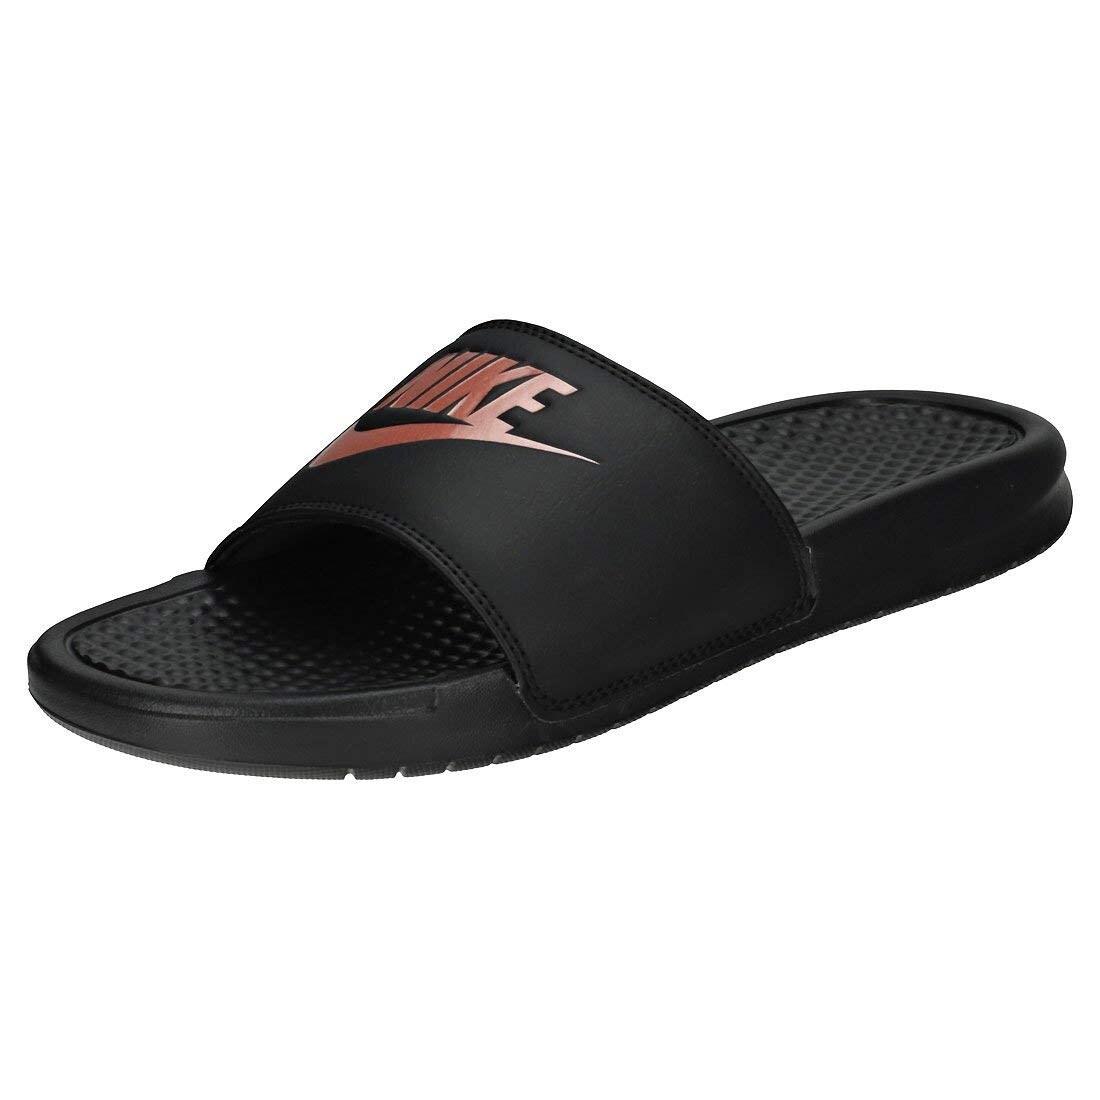 best website e9cc9 8749e Nike Women s Benassi Just Do It Slide Sandal, Black Rose Gold, 11 Regular Us